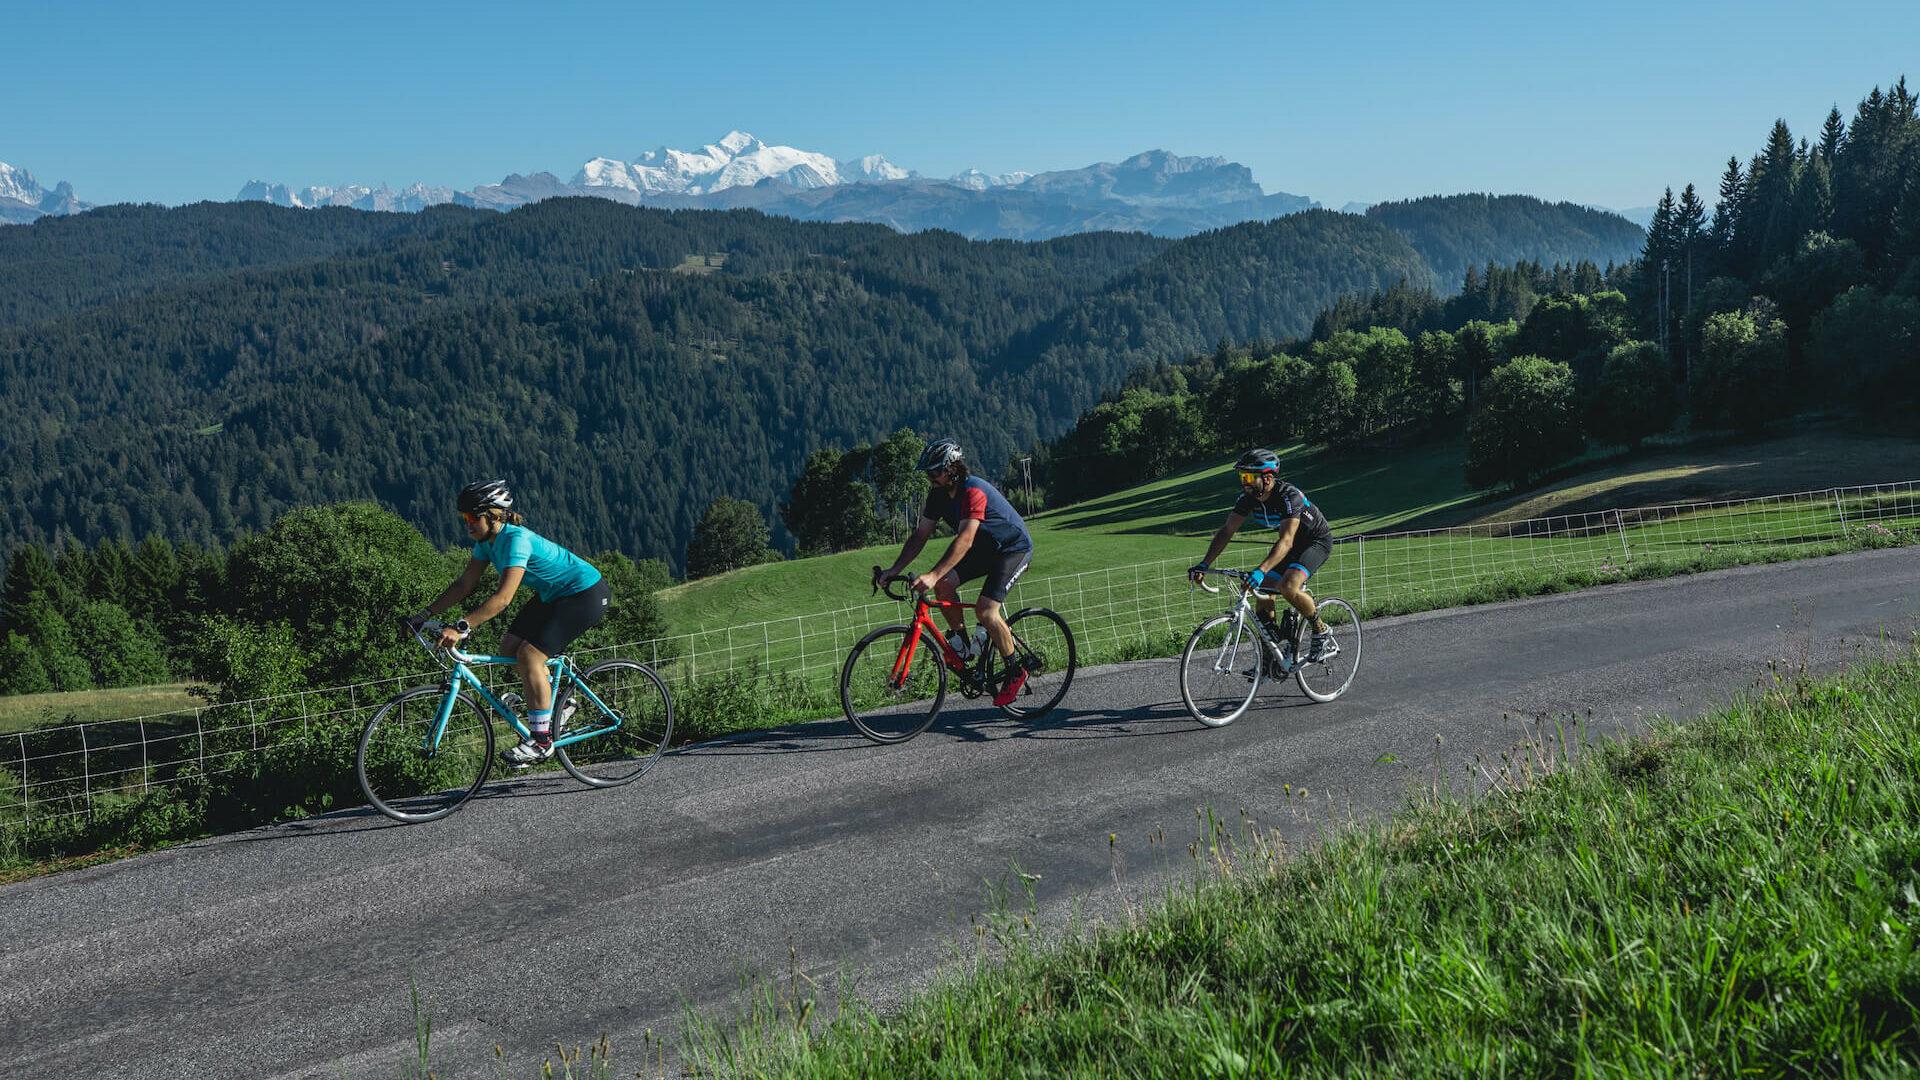 Cyclistes sur une route de montagne en été